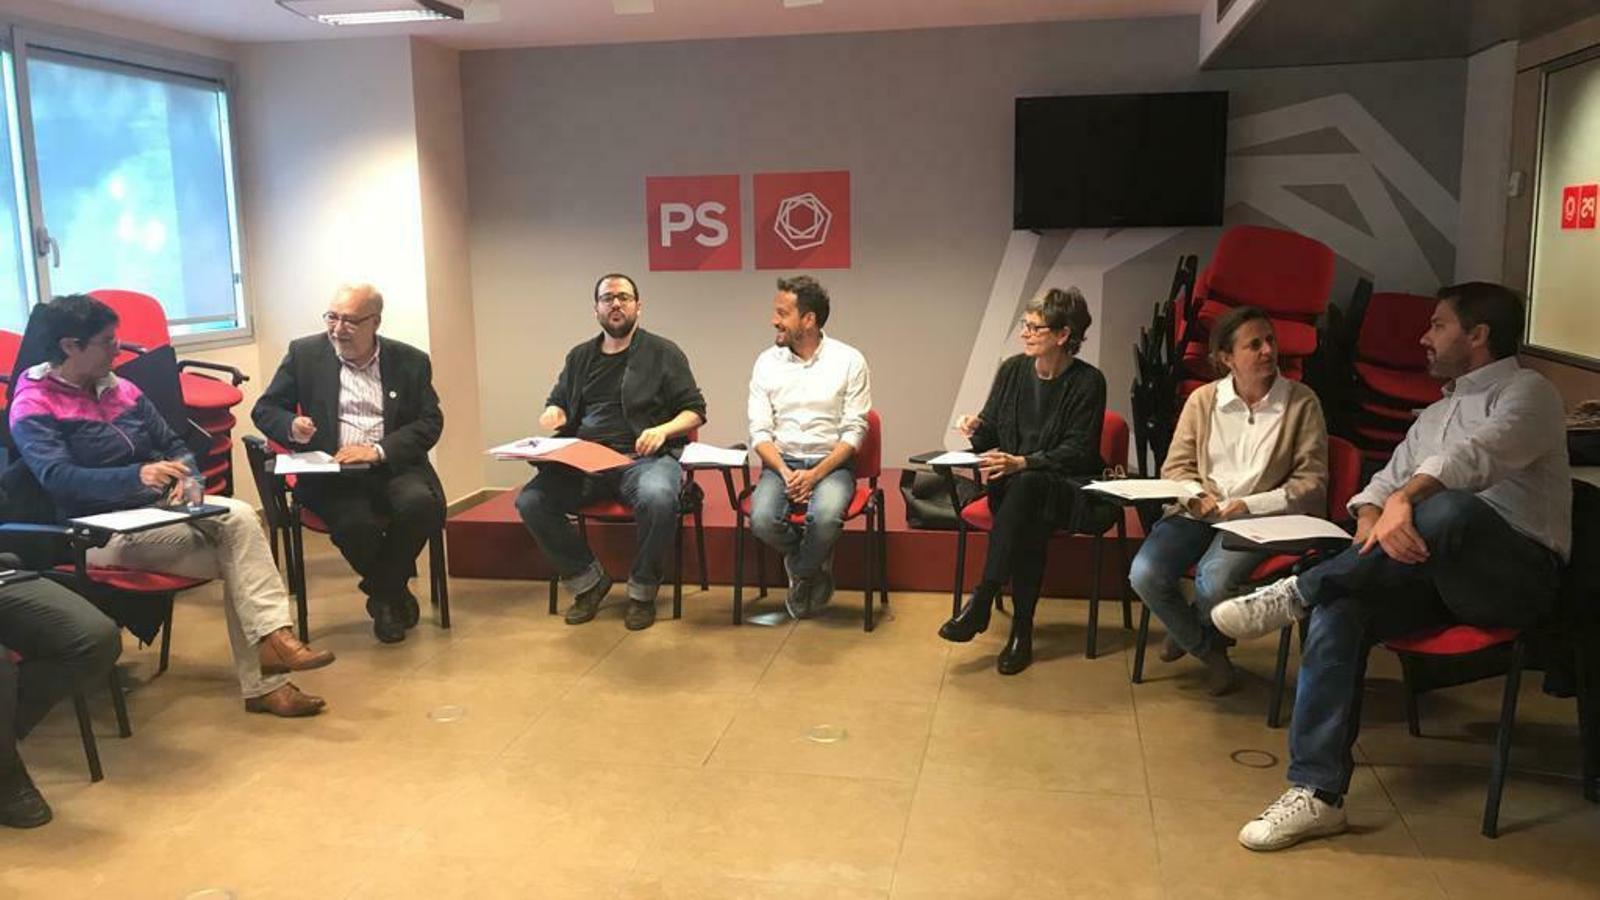 Una de les darreres sessions del comitè directiu del PS. / PS